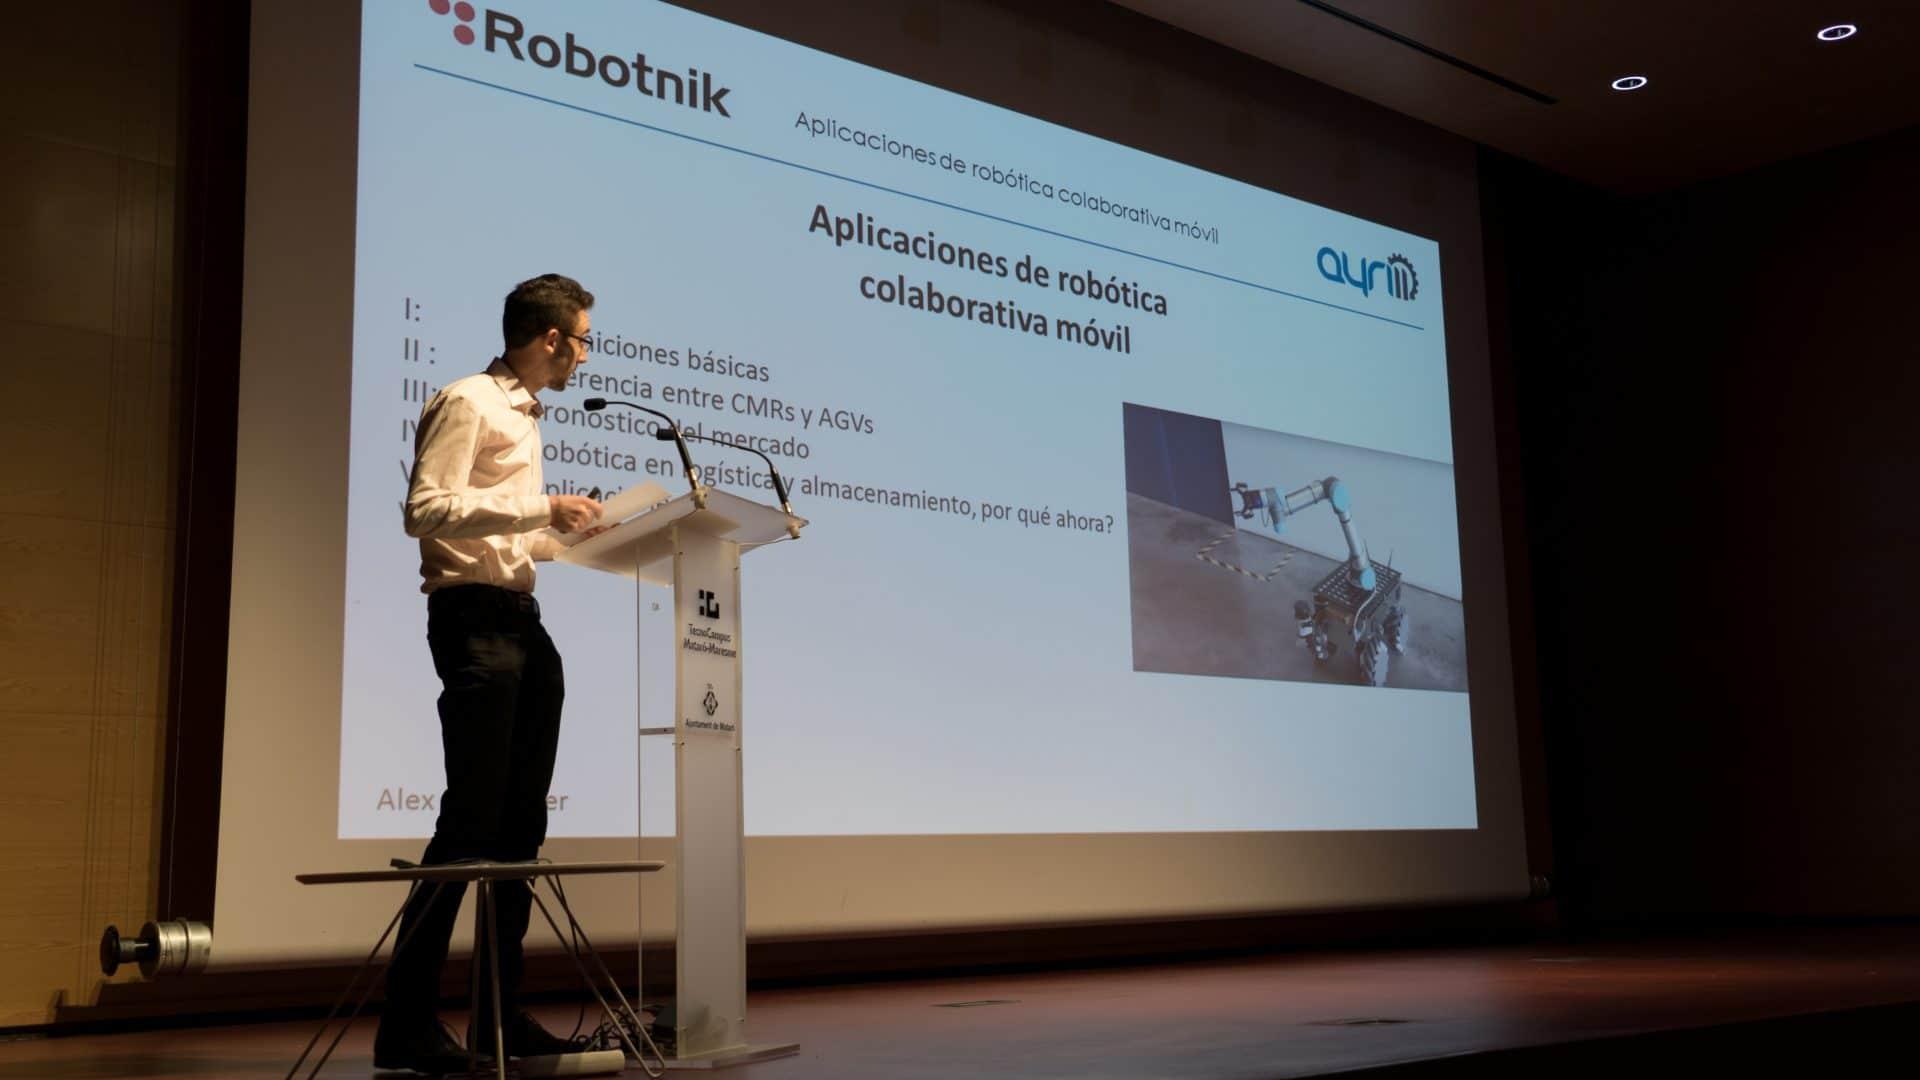 Robotnik en el ayri11 2018